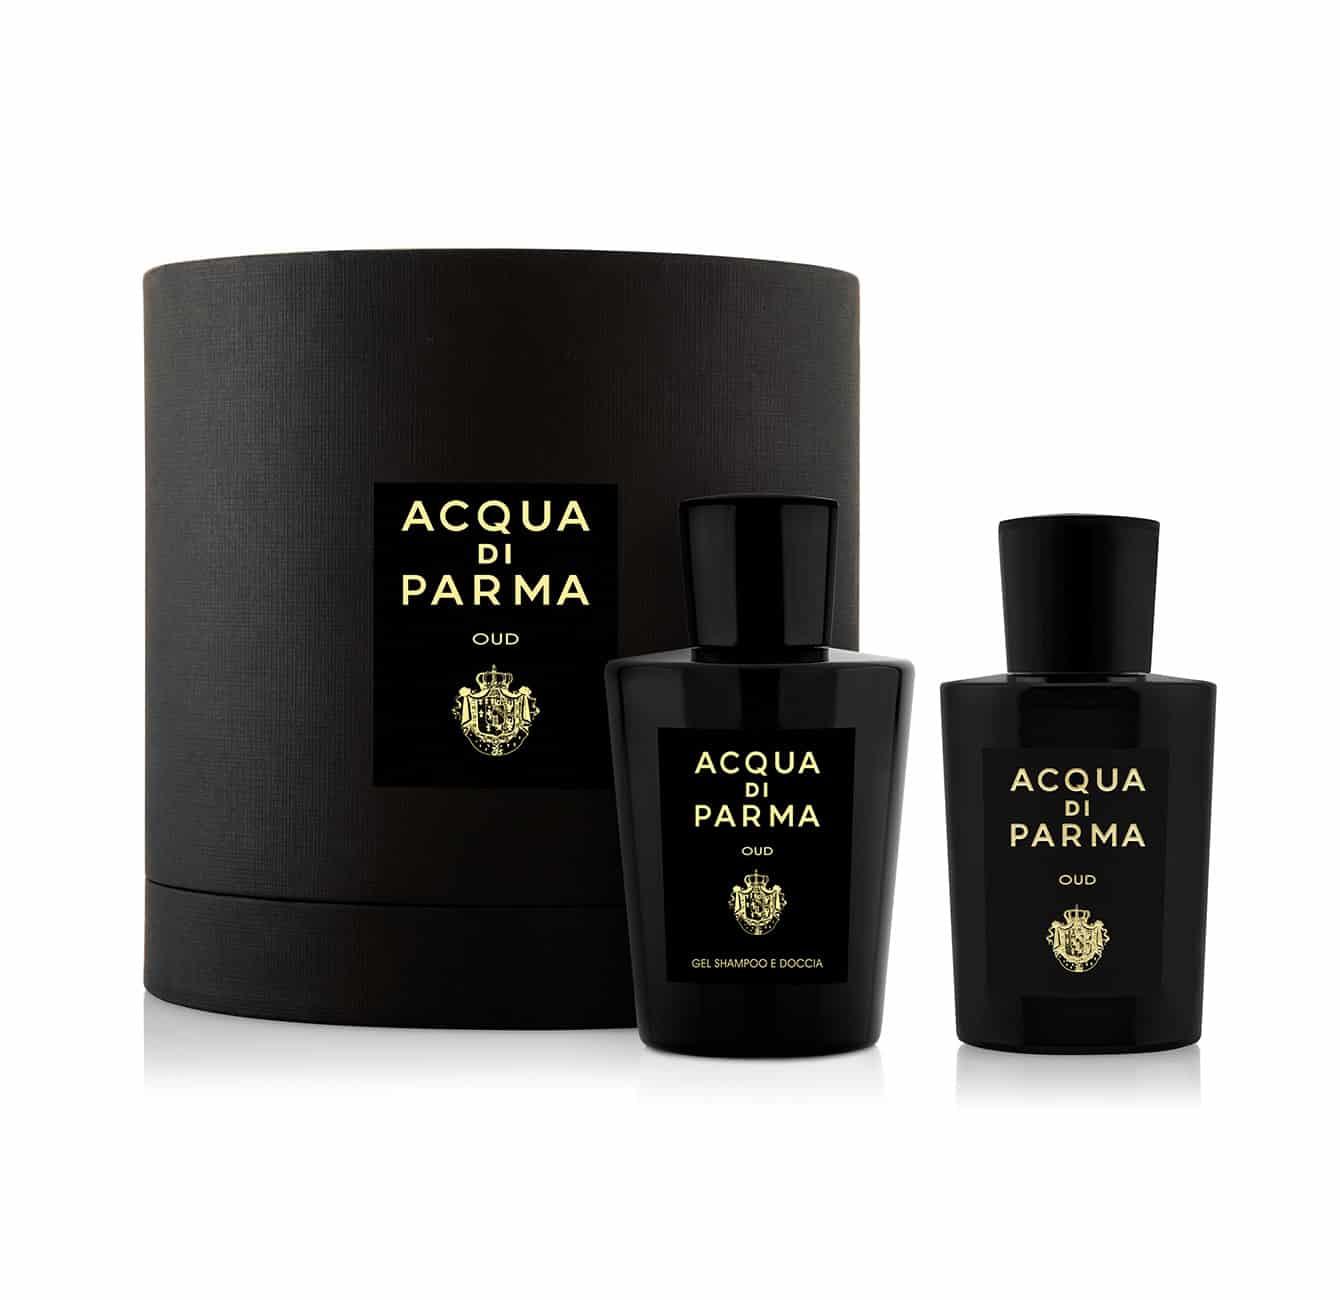 عطر Oud Eau de Parfum من ماركة أكو ادي بارما Acqua di Parma